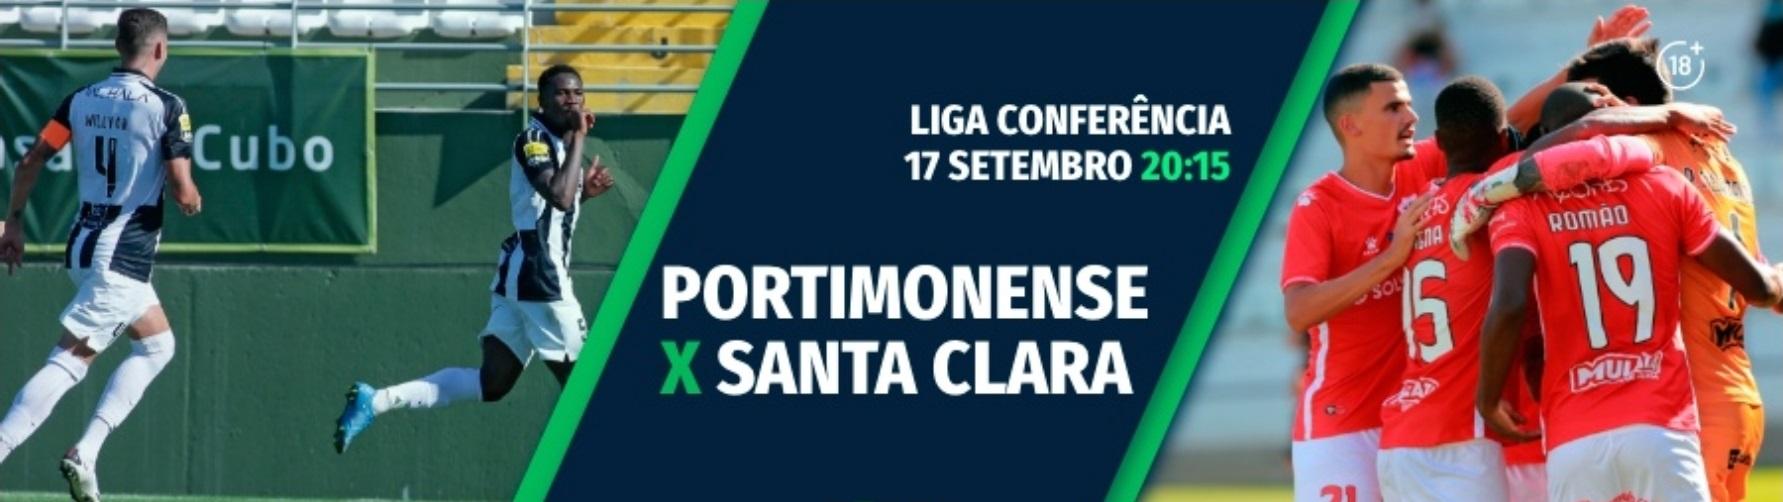 Portimonense Santa Clara